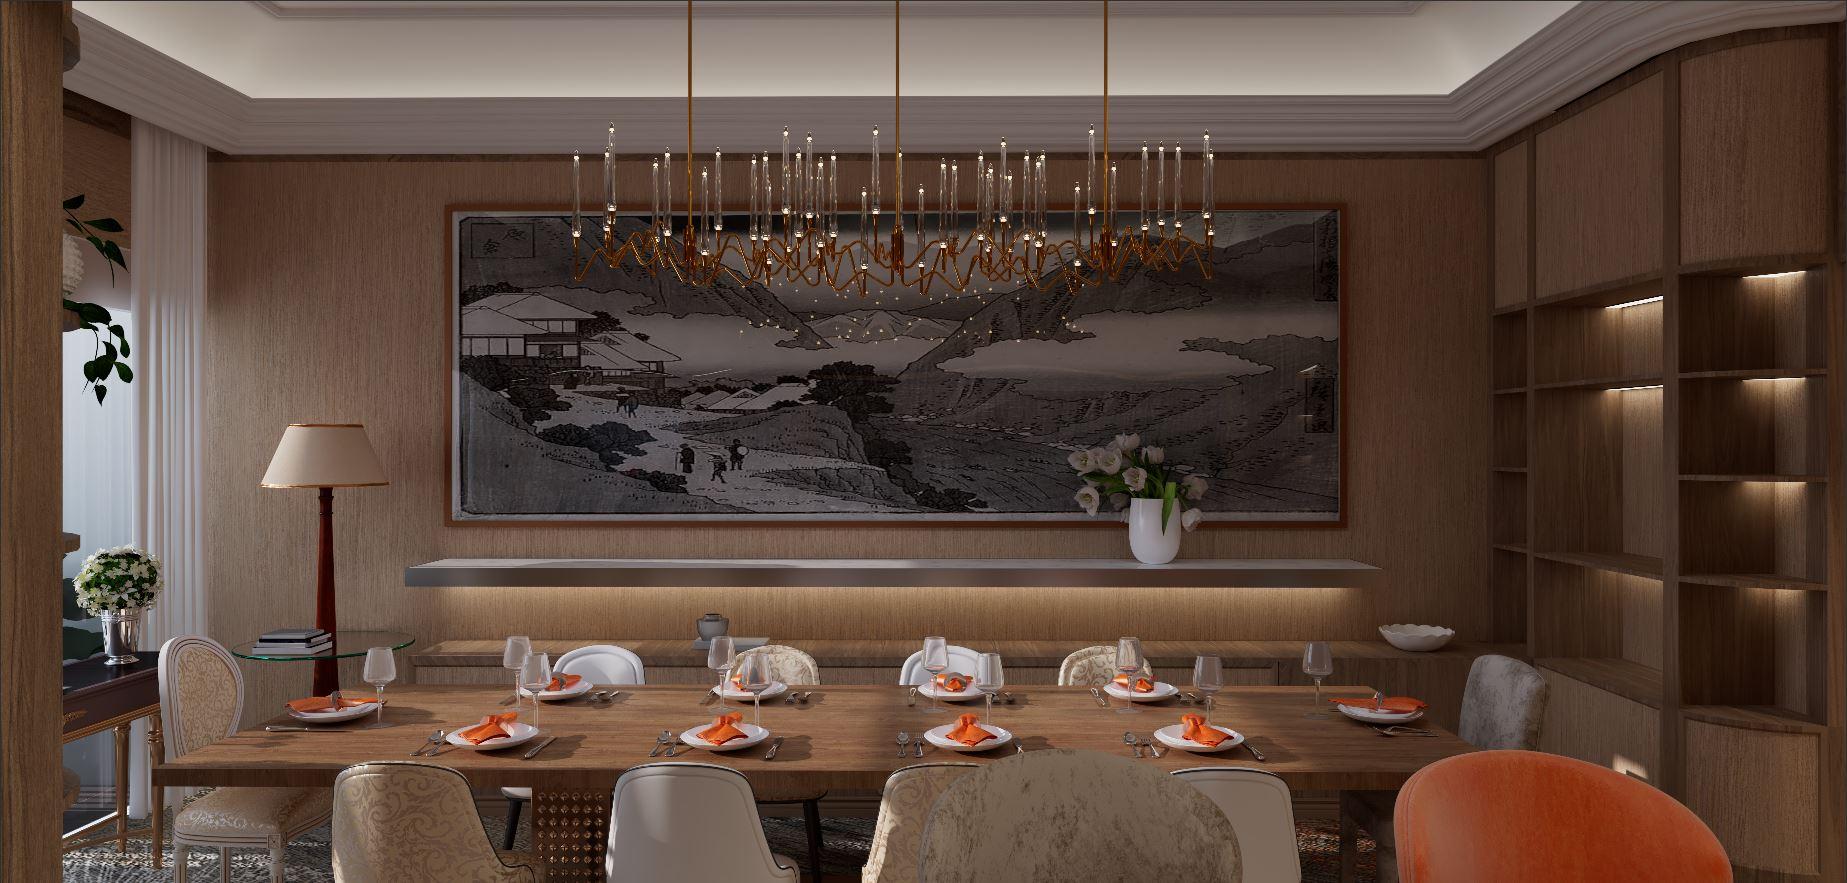 Thiết kế nội thất Chung Cư tại Hà Nội âm hưởng 1626063060 2